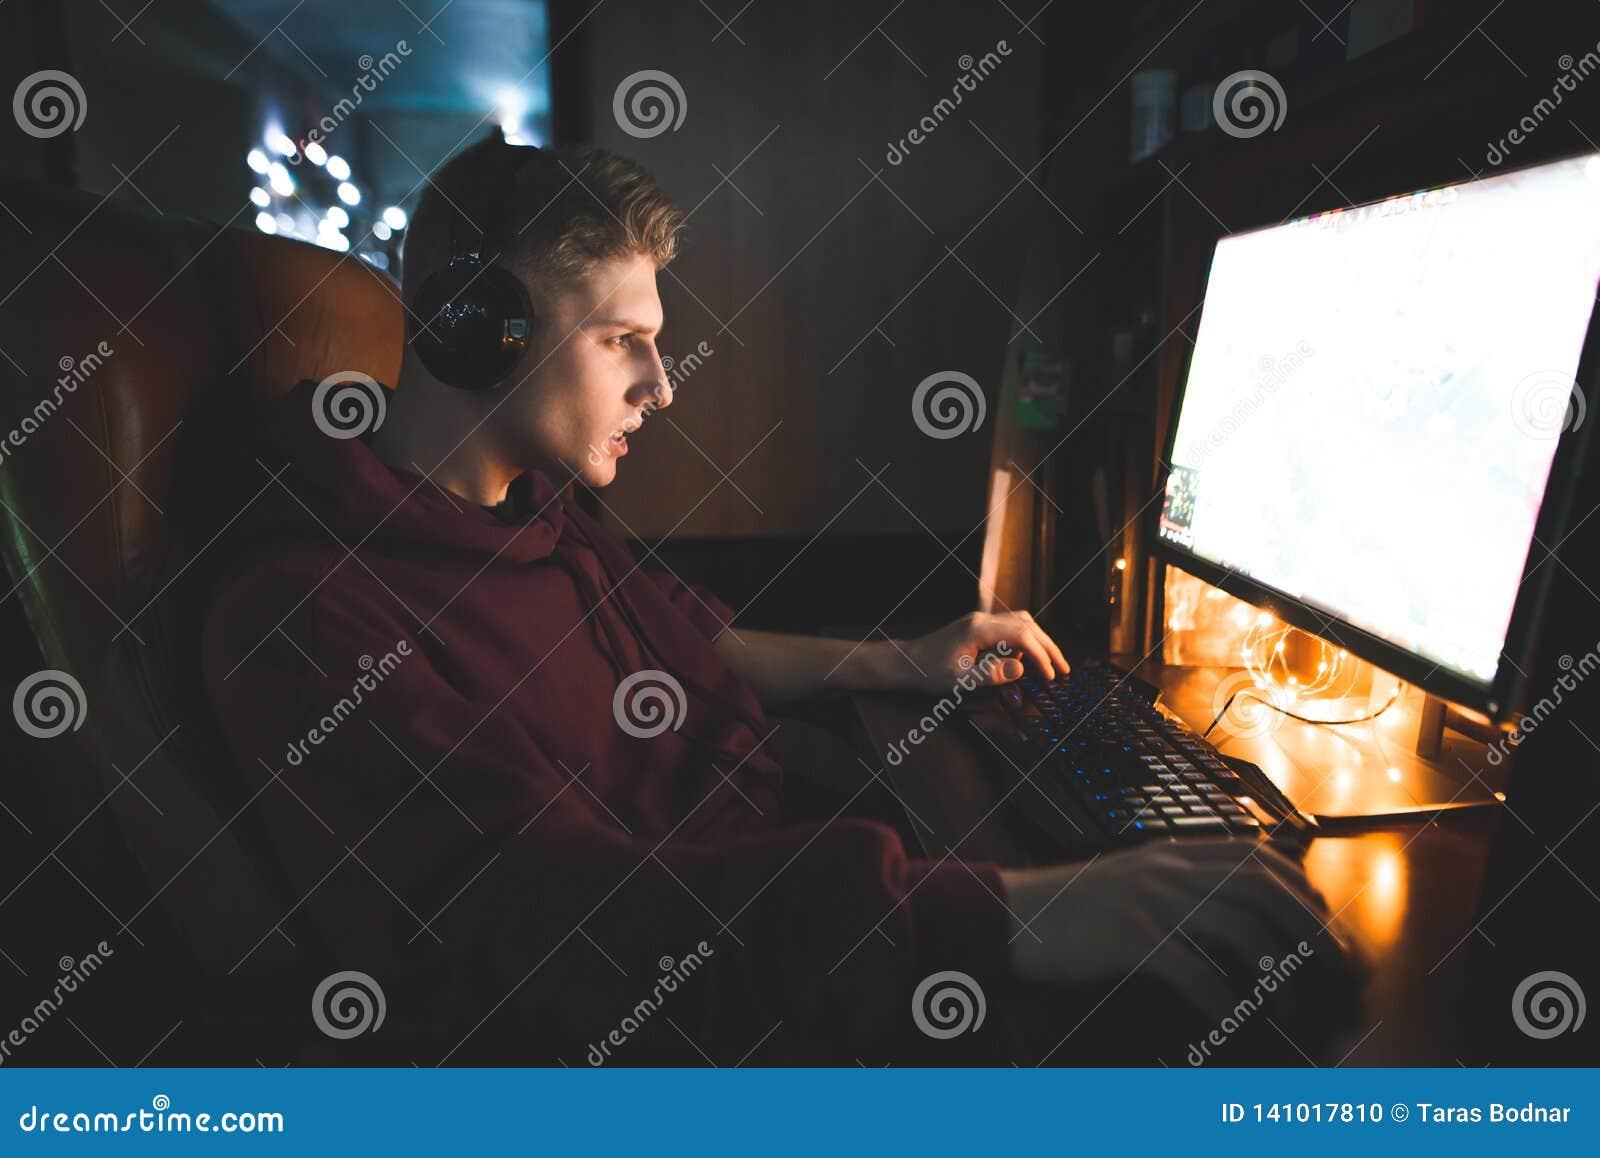 Atrakcyjny skoncentrowany młody człowiek siedzi do domu w wygodnym pokoju i pracuje na komputerze